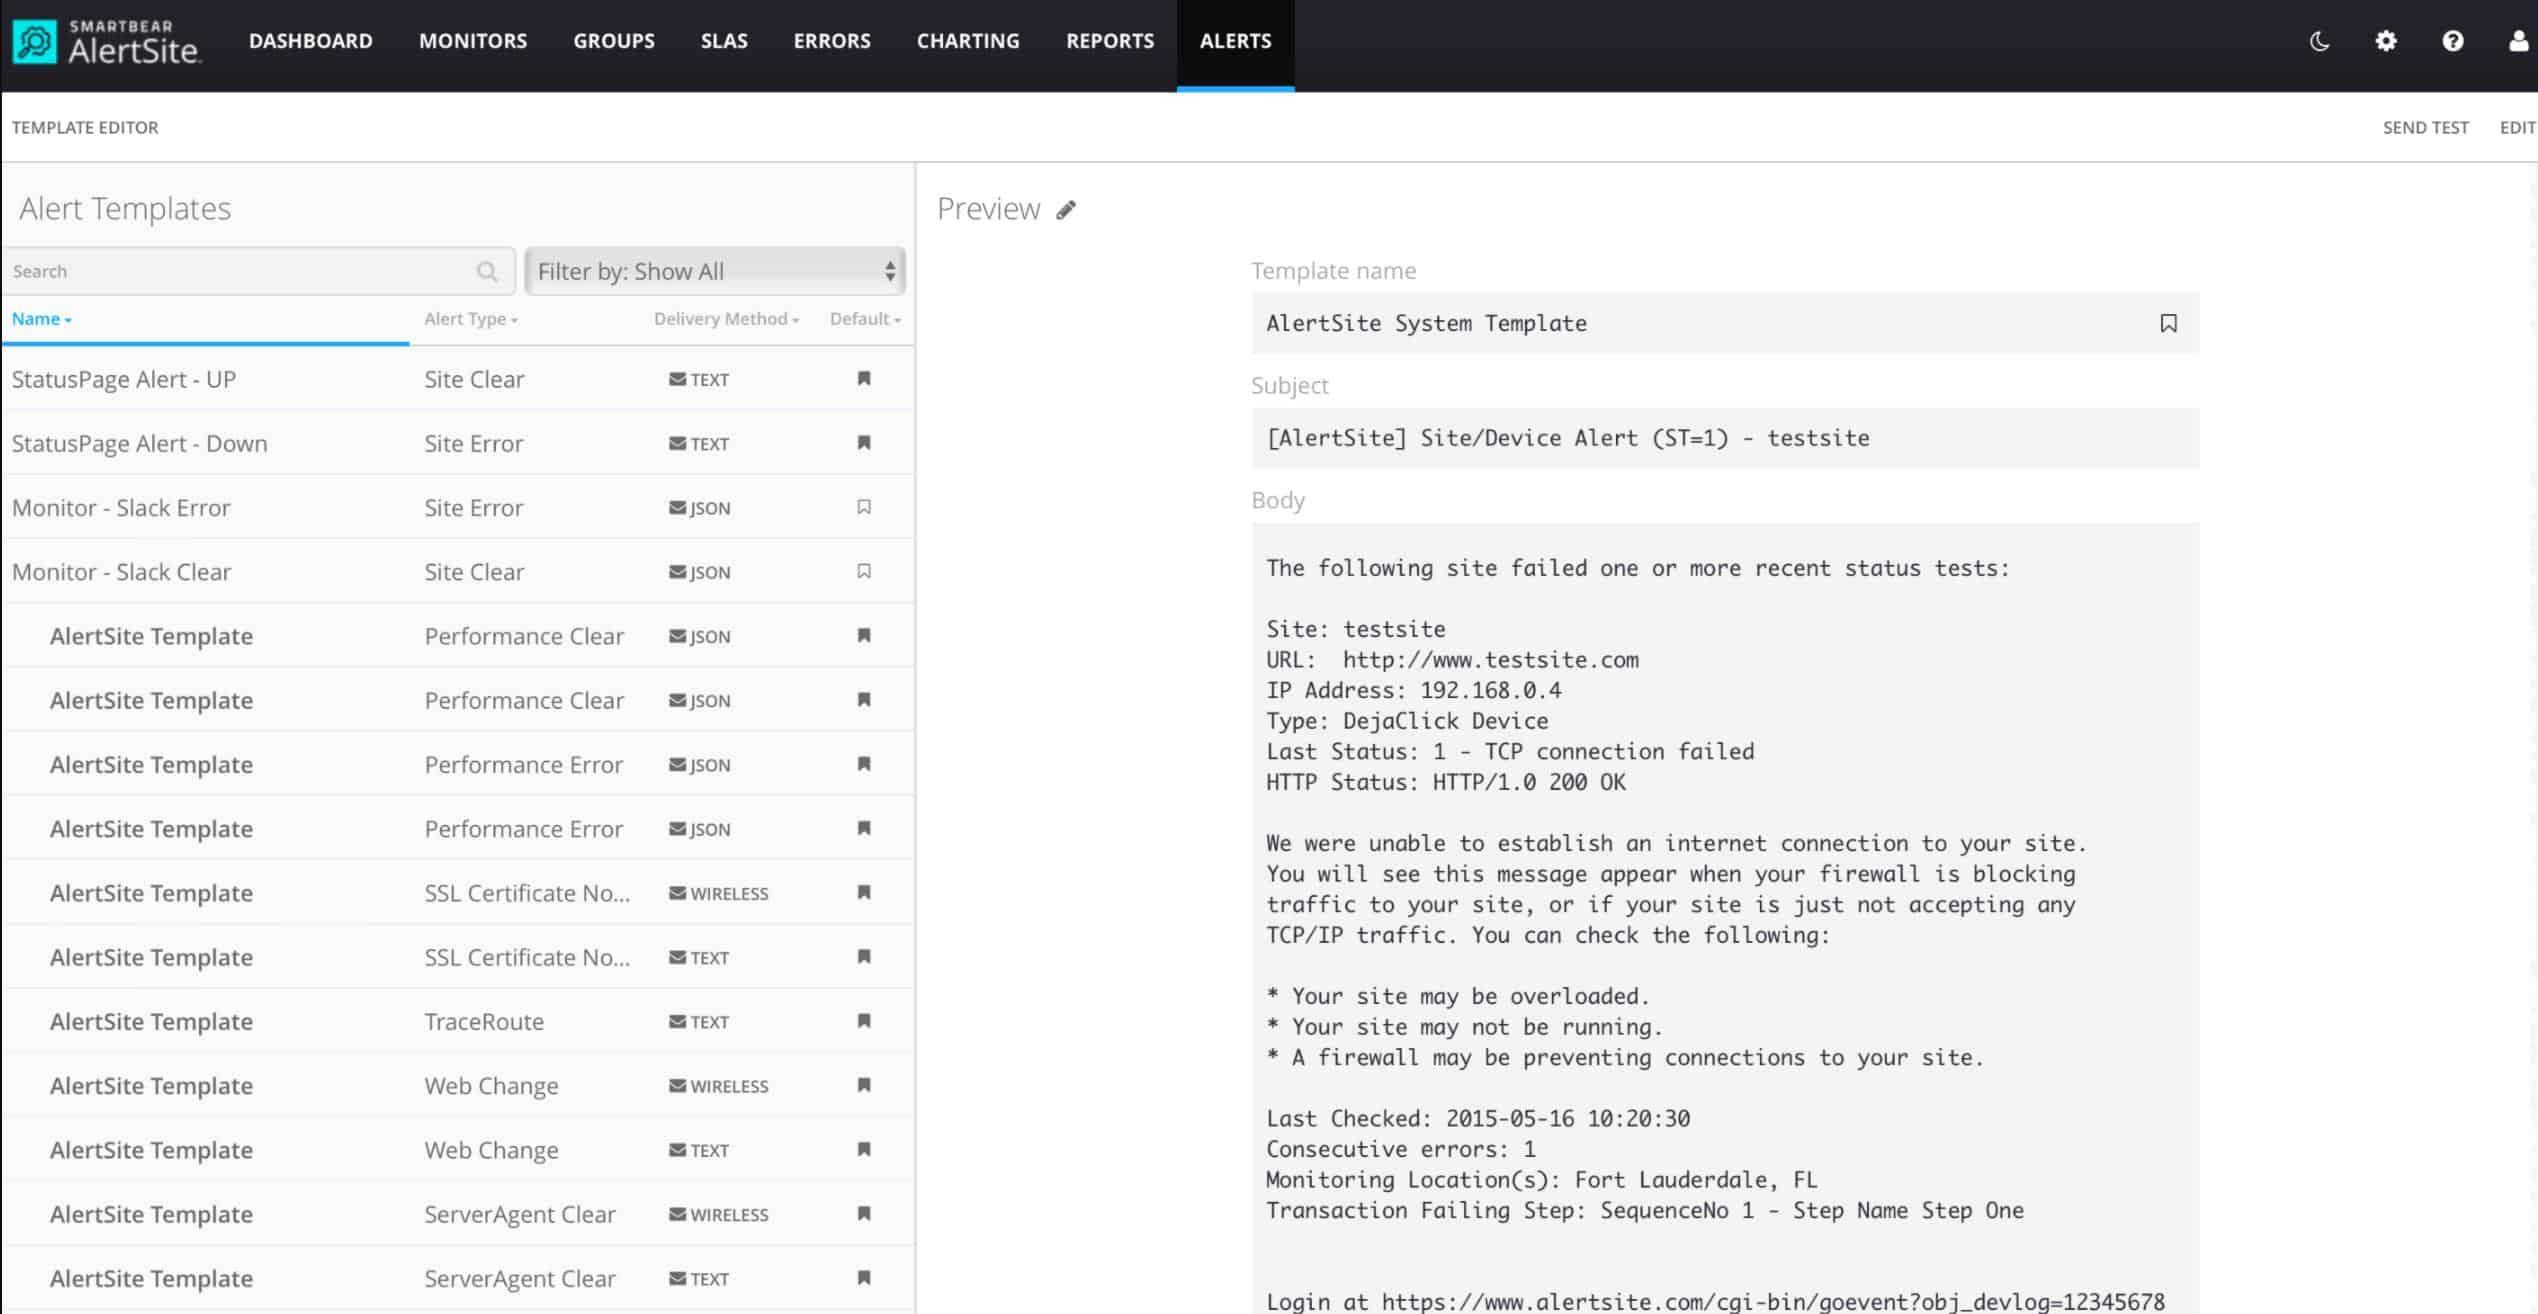 AlertSite Alerts Templates dashboard screenshot